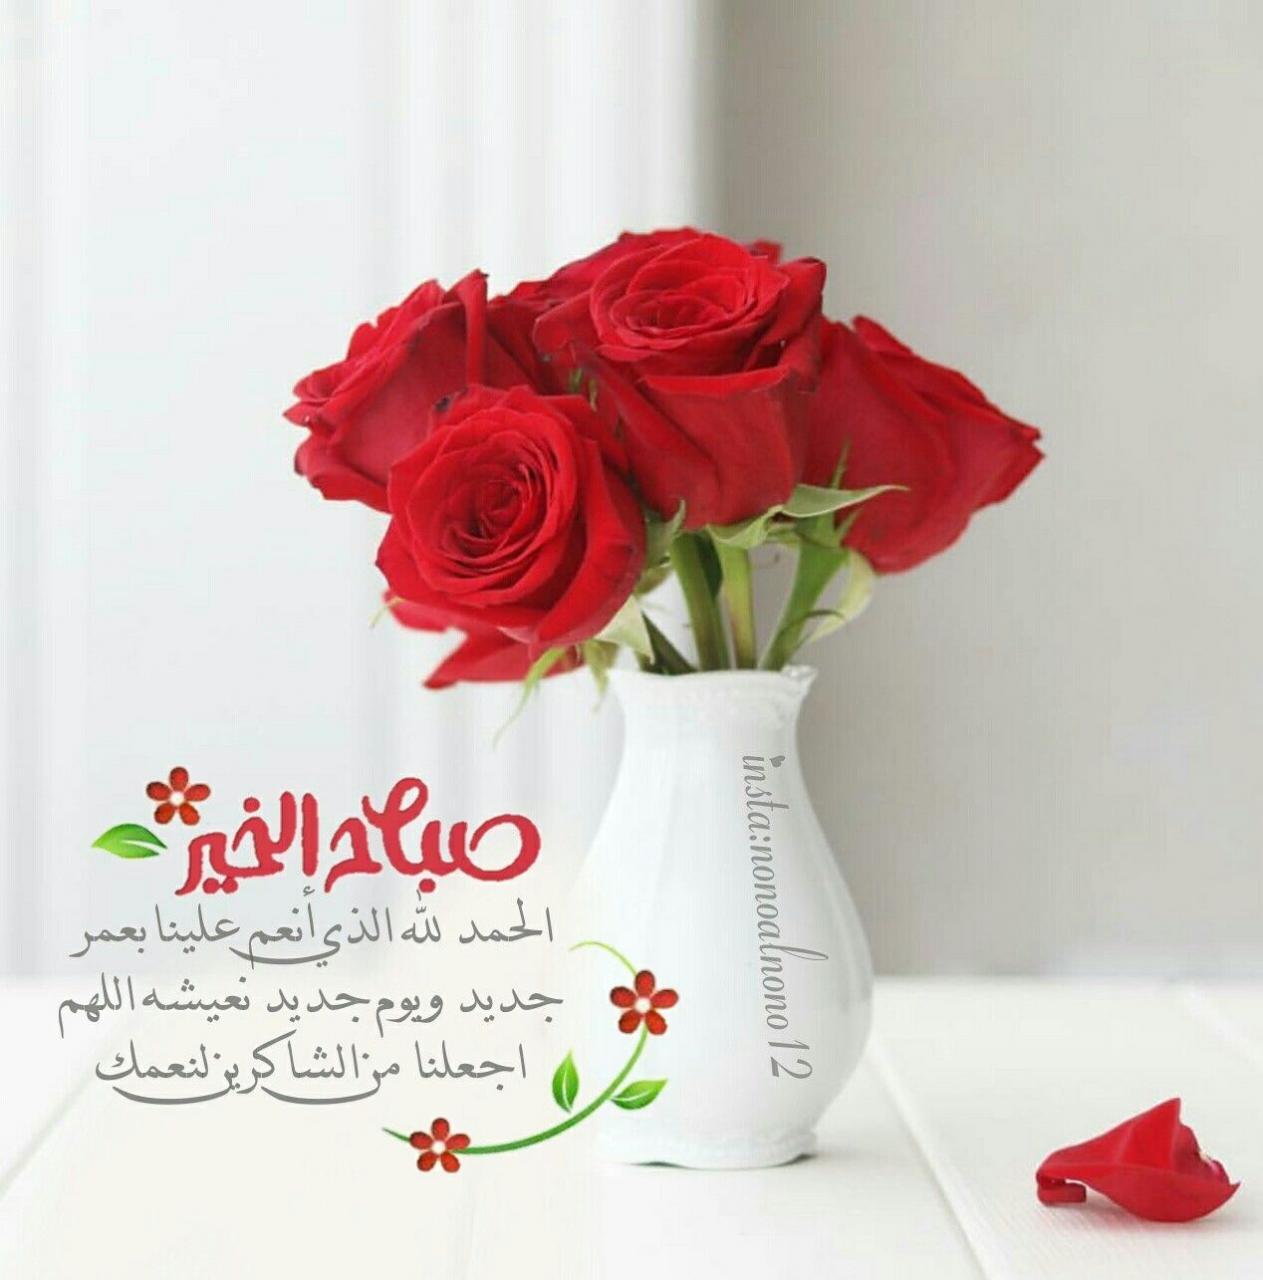 صورة صور جميله صباح الخير , صور مكتوب عليها صباح الخير 3564 3